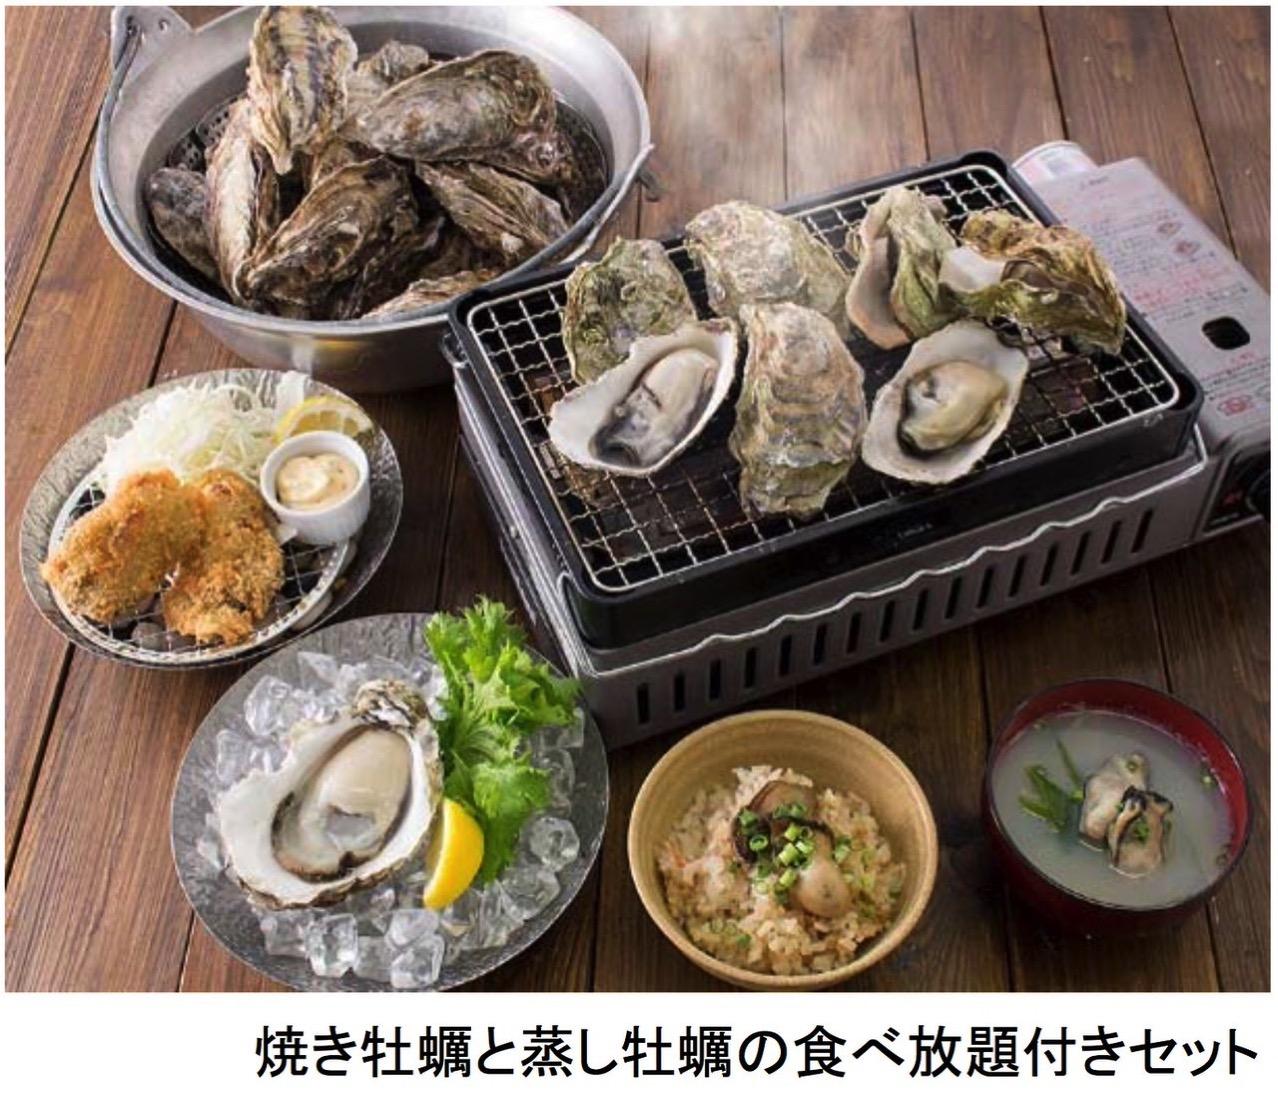 「入善 牡蠣ノ星」牡蠣食べ放題メニューがグランドメニューに(4,500円)